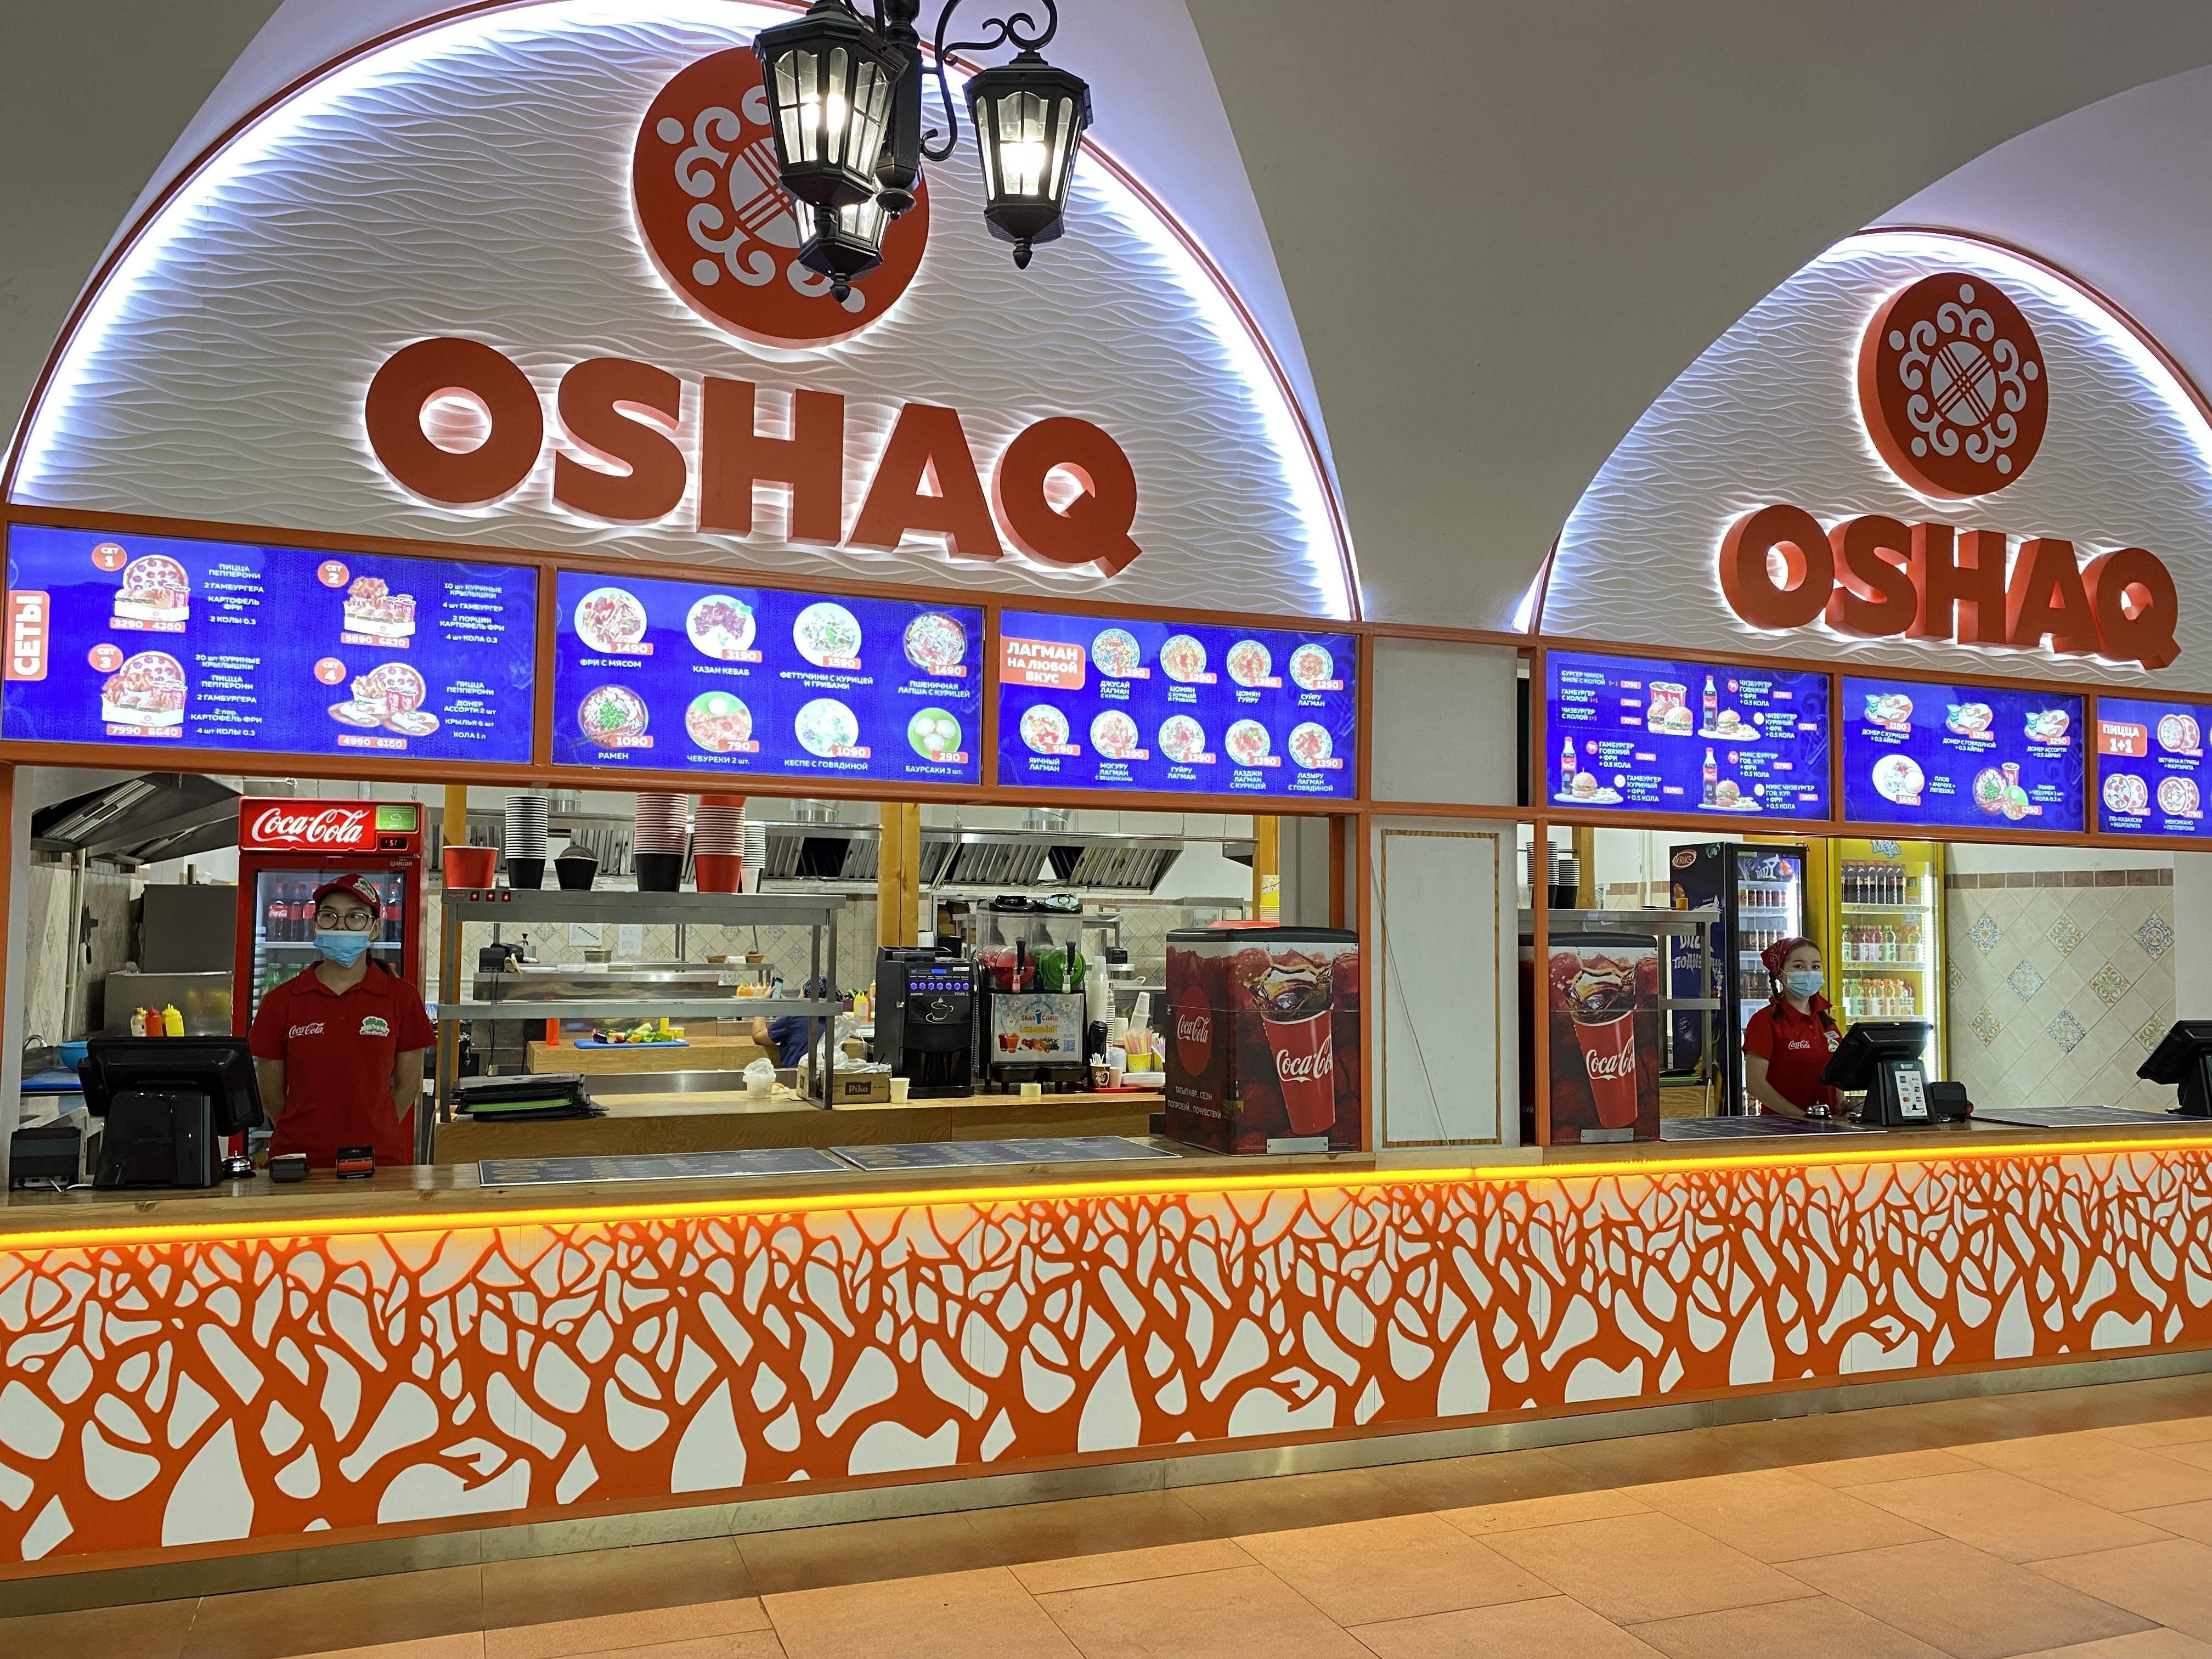 Ресторан Oshaq - сохраняя традиции вкуса